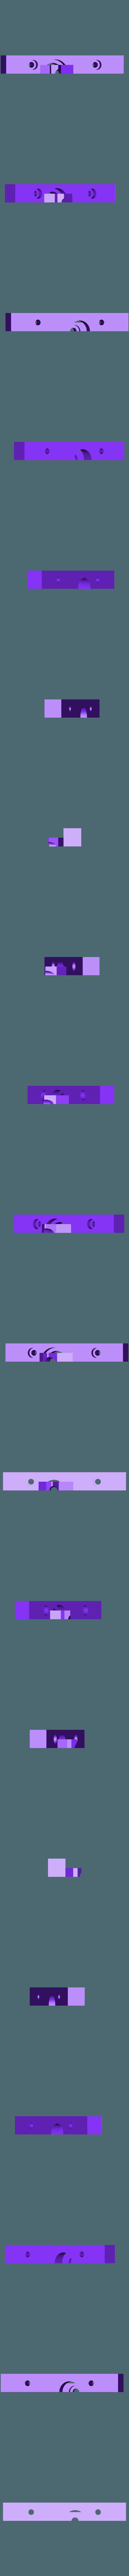 E3D_Mount_v2-11_MIDDLE_CLAMP.STL Télécharger fichier STL gratuit Monture basse pour grenouille poly (RigidBot E3D v6) • Design pour imprimante 3D, WalterHsiao